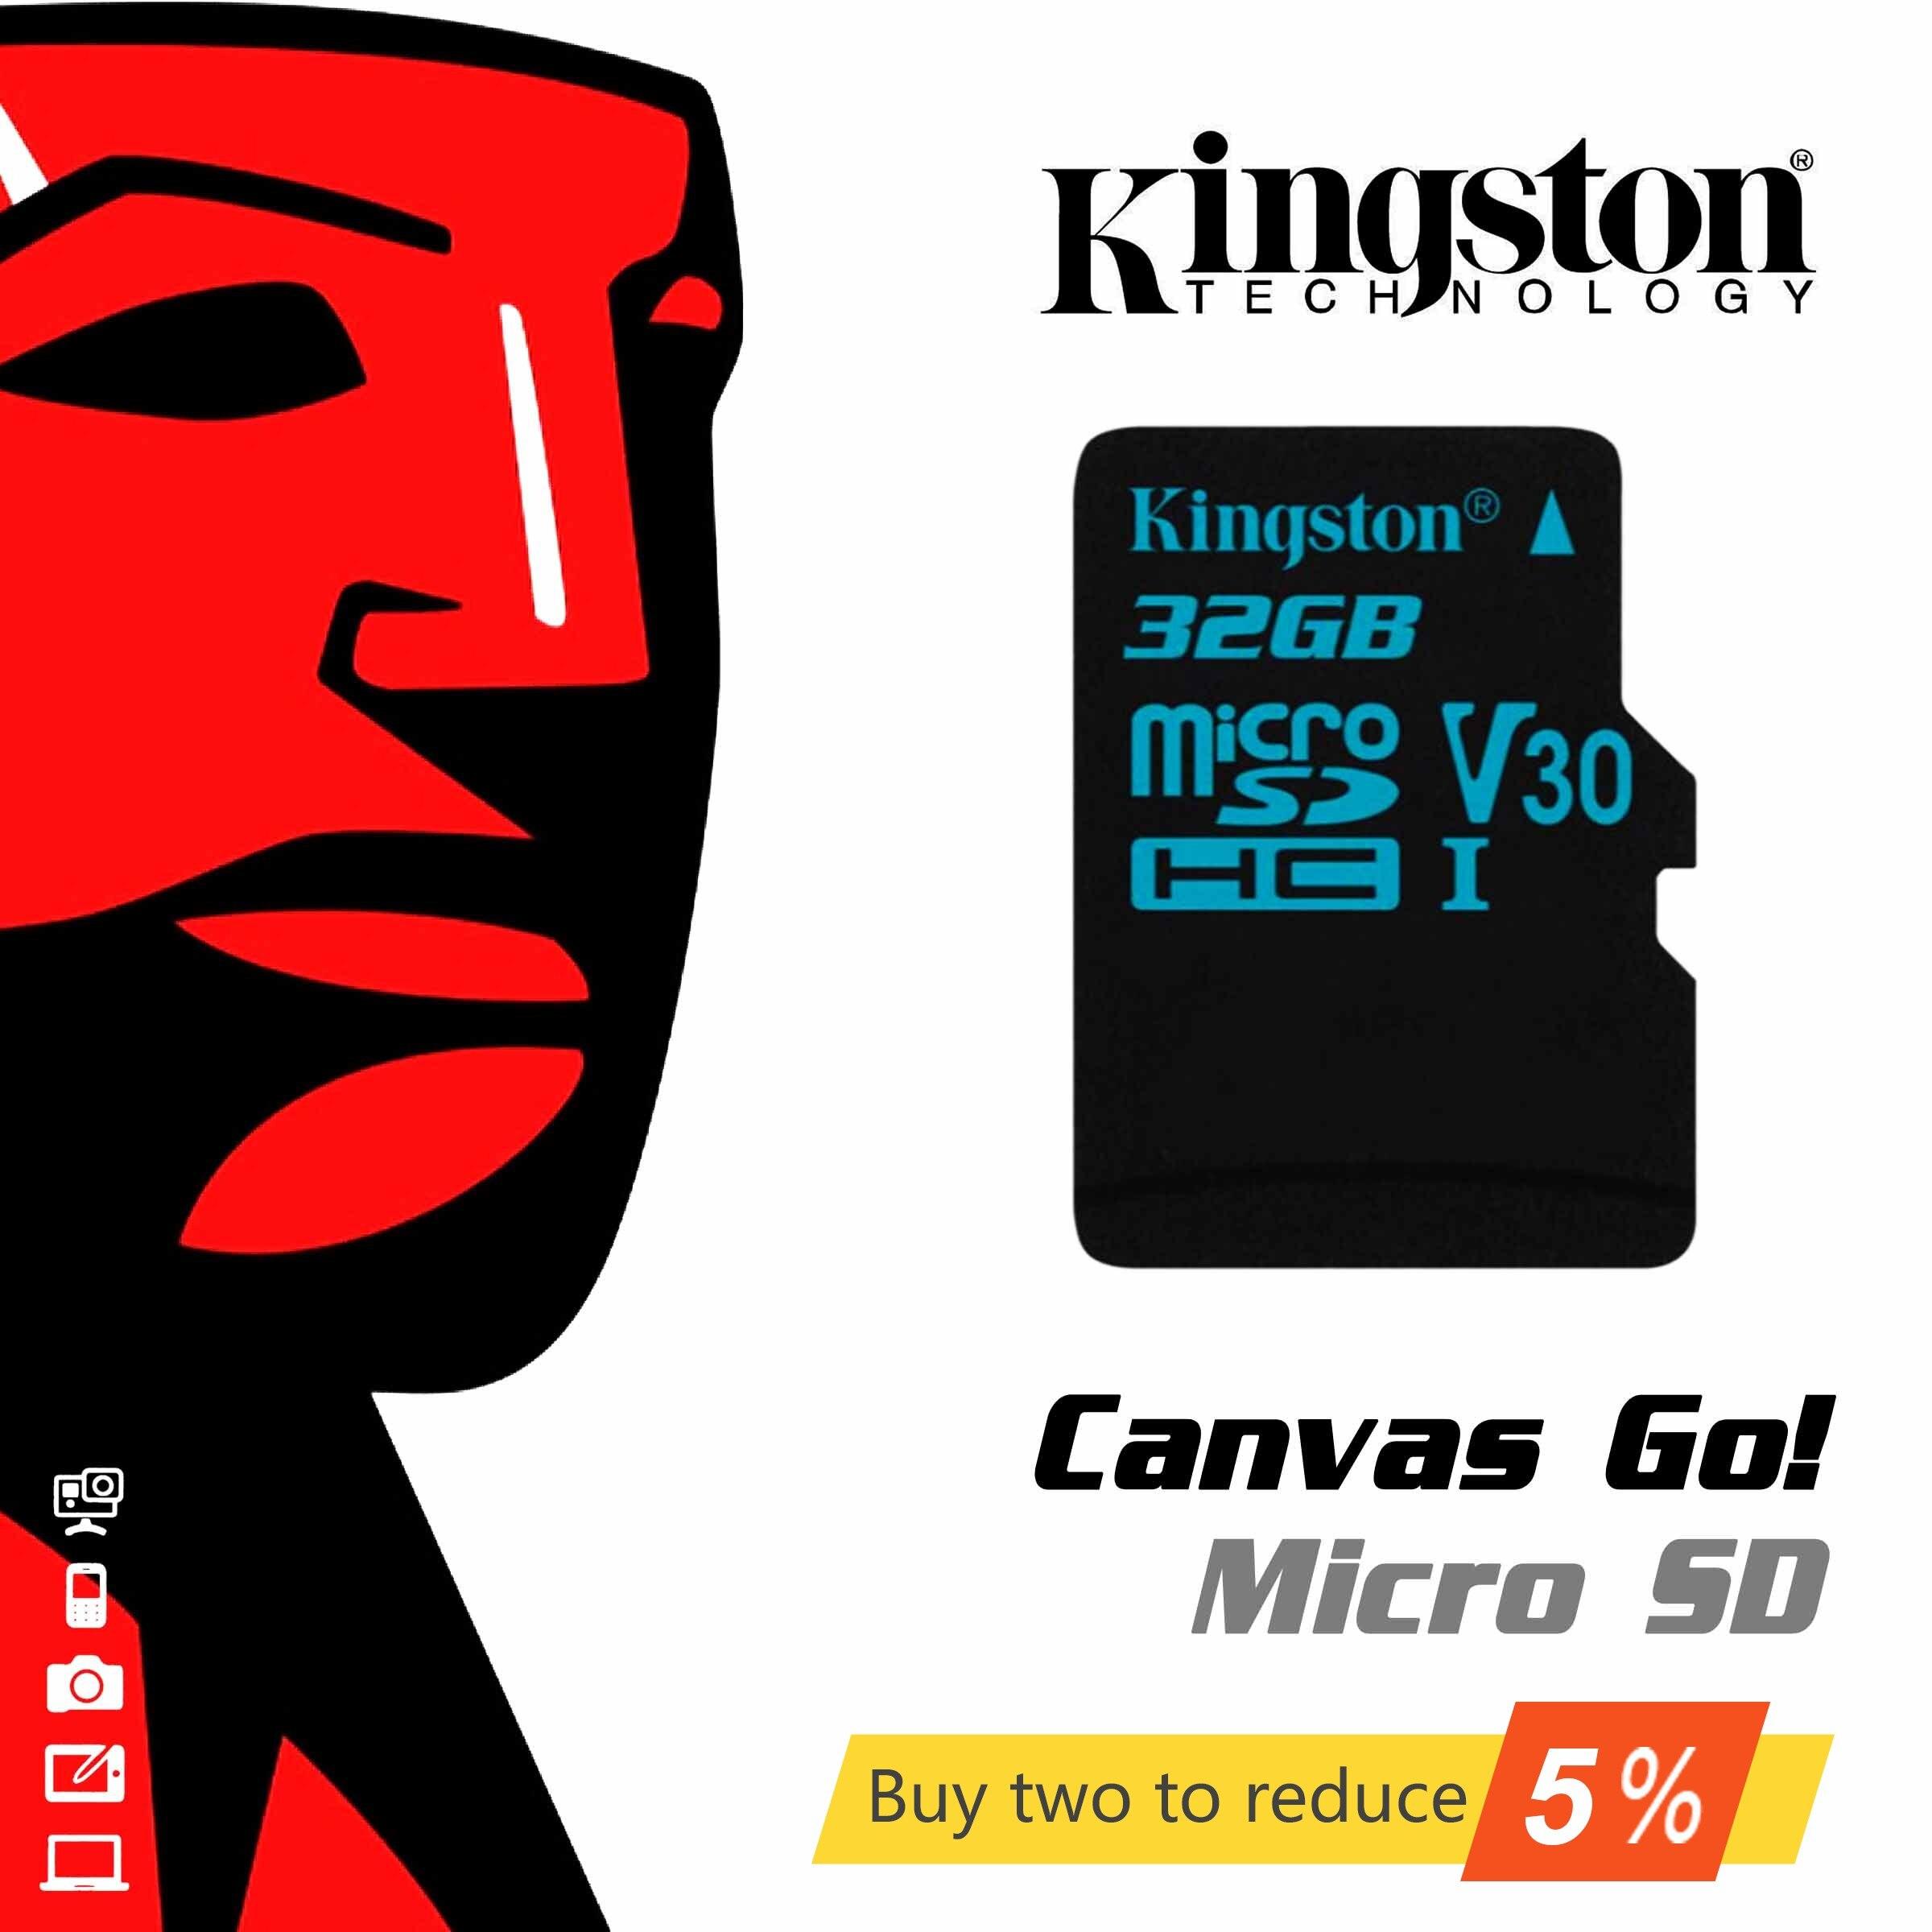 Kingston originais Digital 32 GB 64 GB 10 UHS-I Velocidade Tela Ir Classe microSDHC Cartão de Memória Flash (SDCG2/ 32 GB/64 GB/128 GB)